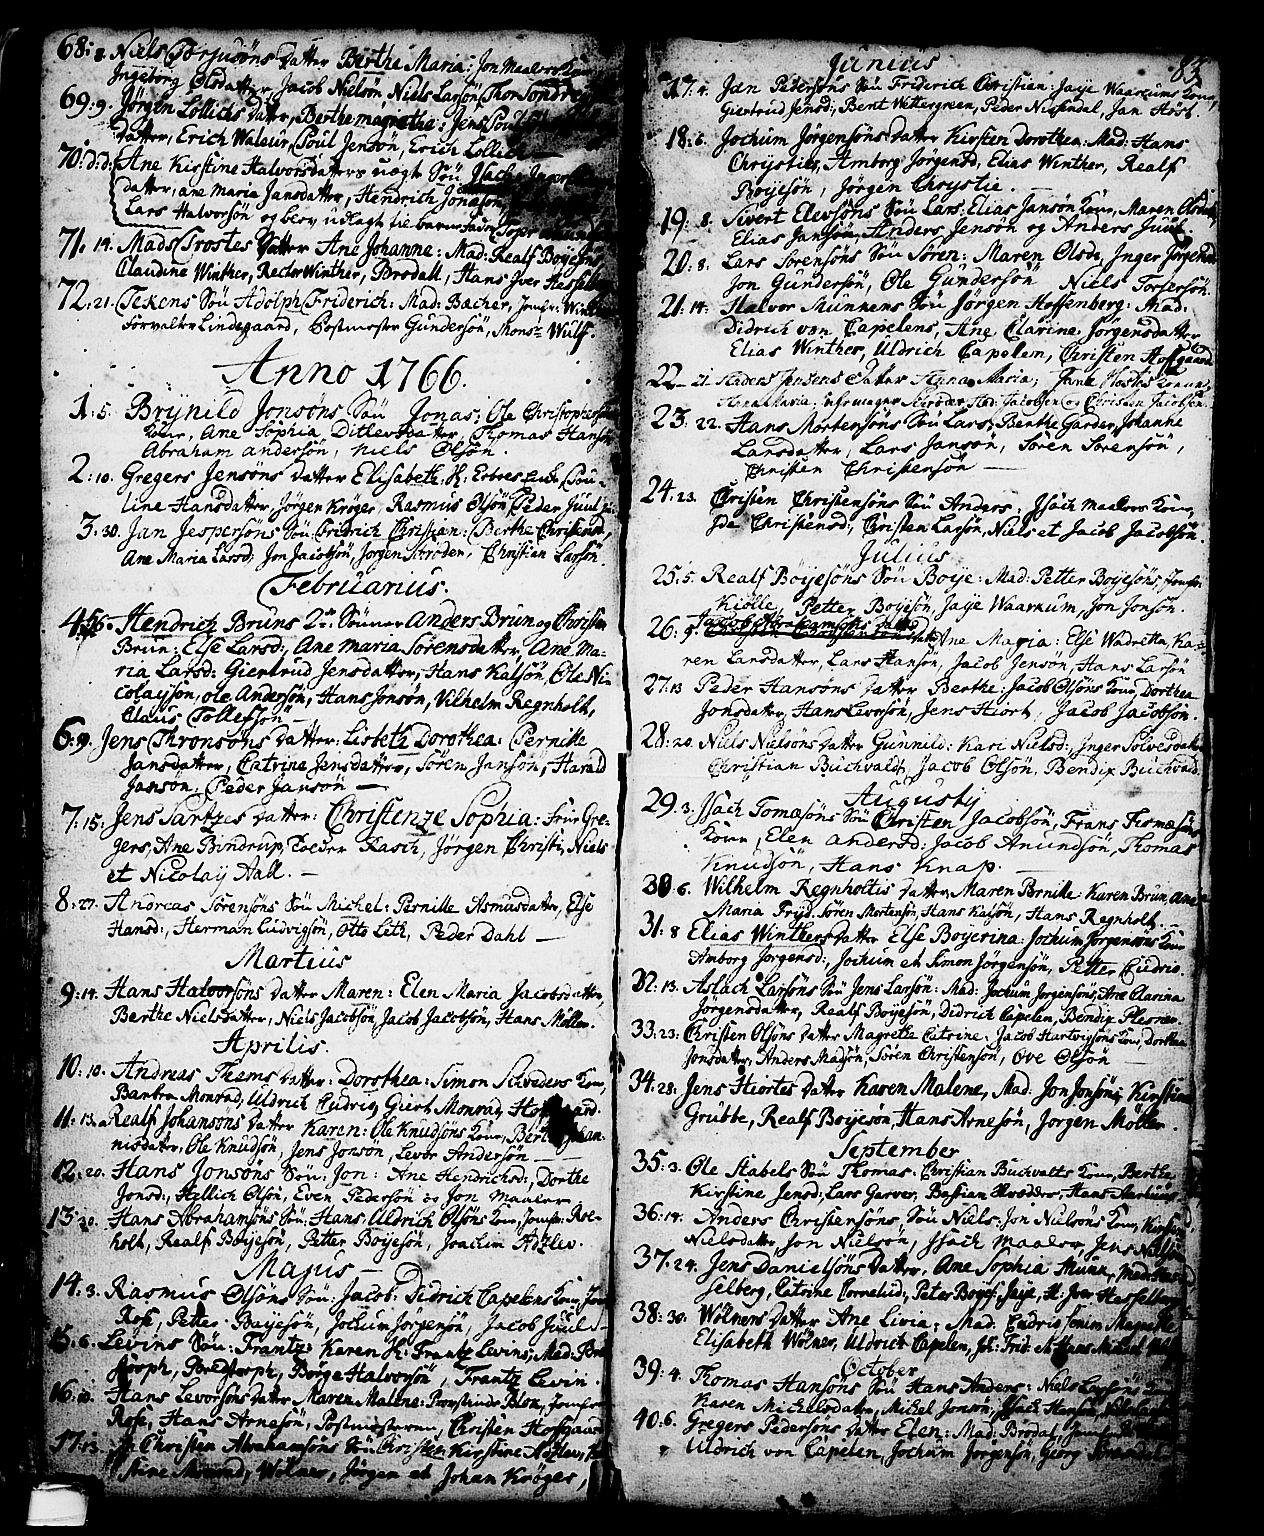 SAKO, Skien kirkebøker, G/Ga/L0001: Klokkerbok nr. 1, 1756-1791, s. 83